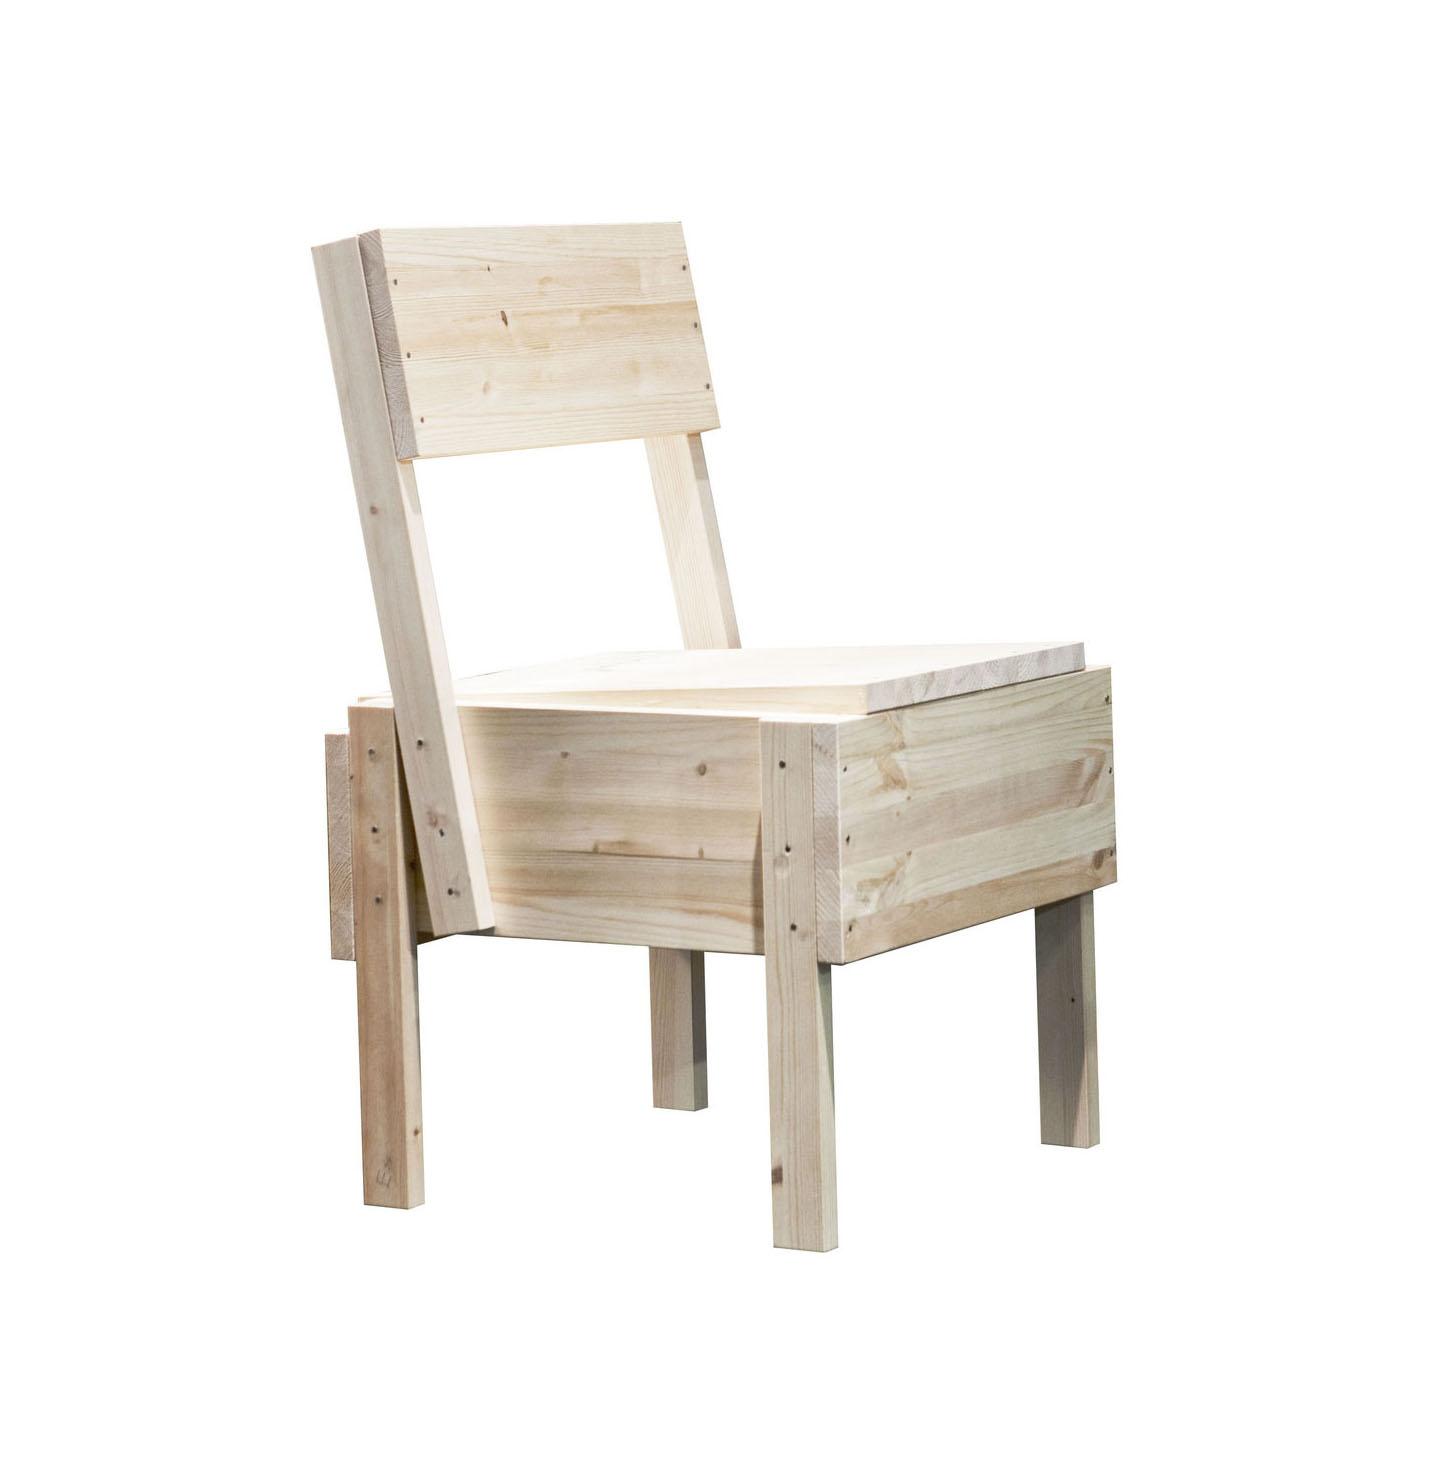 Hazlo tú mismo, la auto construcción de Enzo Mari como método para diseñar los muebles de hoy. Curaduría: Enrico Delitala, Tommaso Cigarini y Miriam Saavedra, con la participación de Alejandro Muro y estudiantes Sencio